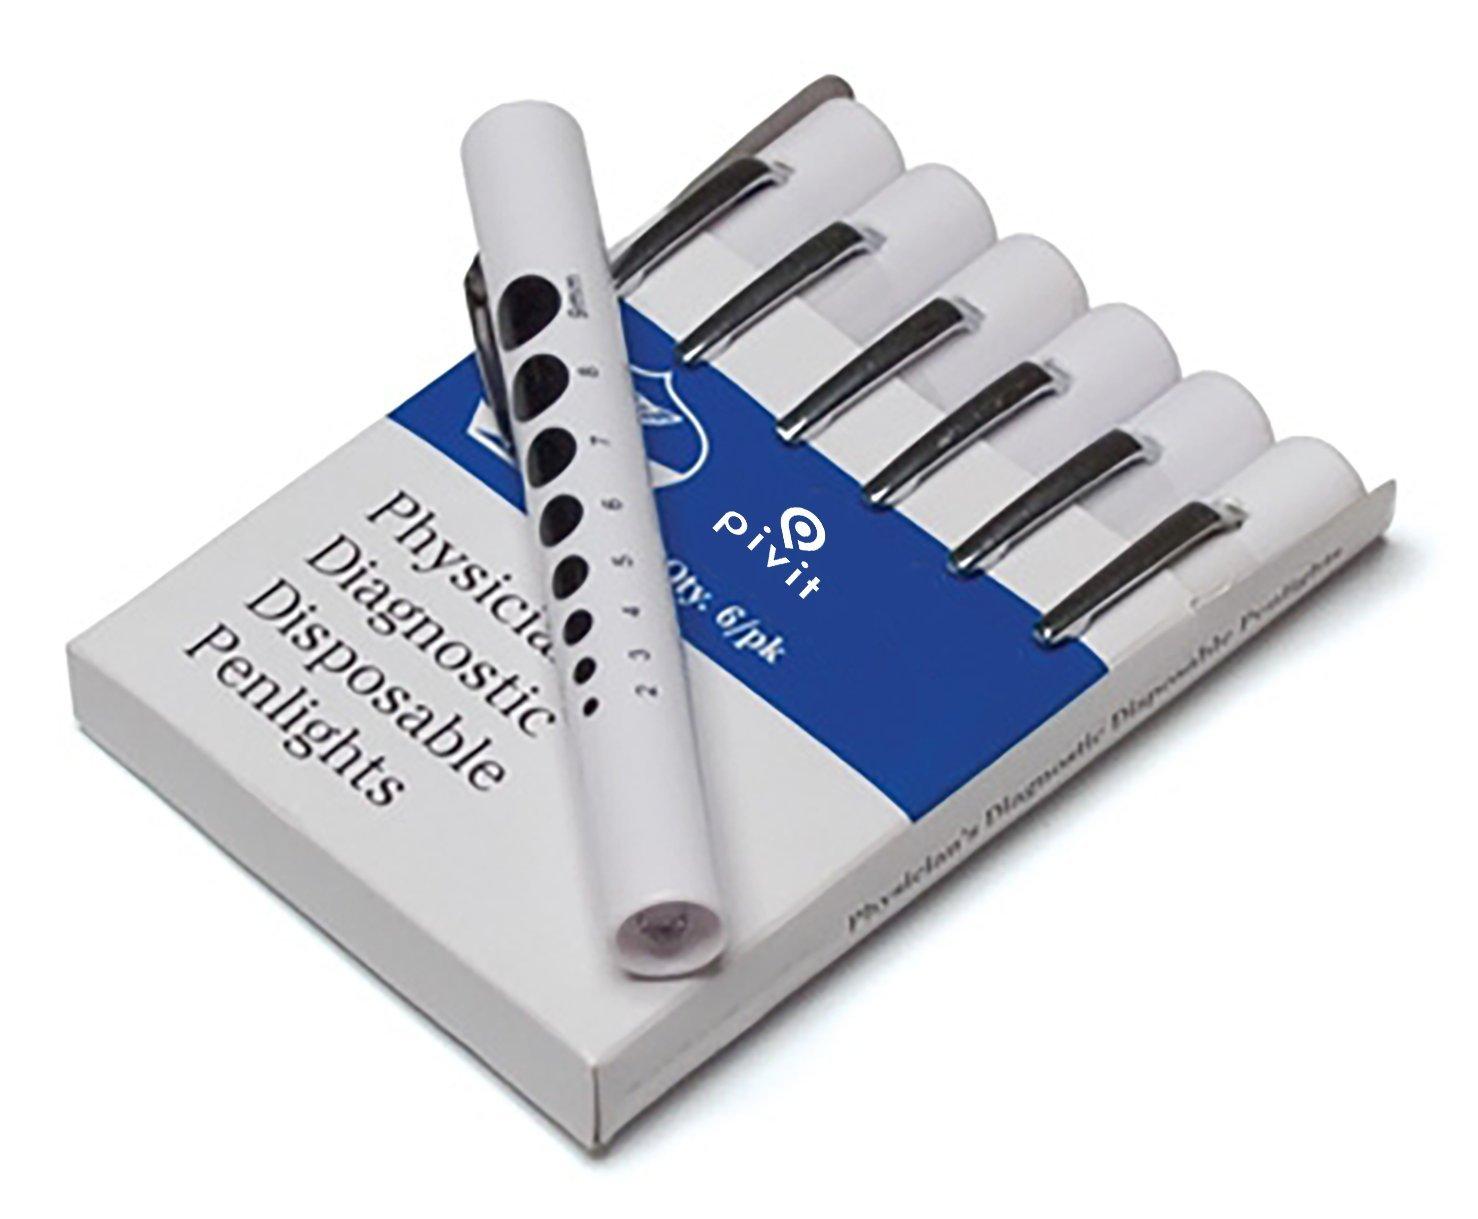 Pivit Disposable Nursing Exam Penlight | 6 Pack | Compact Push Button Flashlight Design With Pocket Clip & Pupil Gauge | Bright White L.E.D Medical Assessment Light Pen | Perfect For Doctors & Nurses